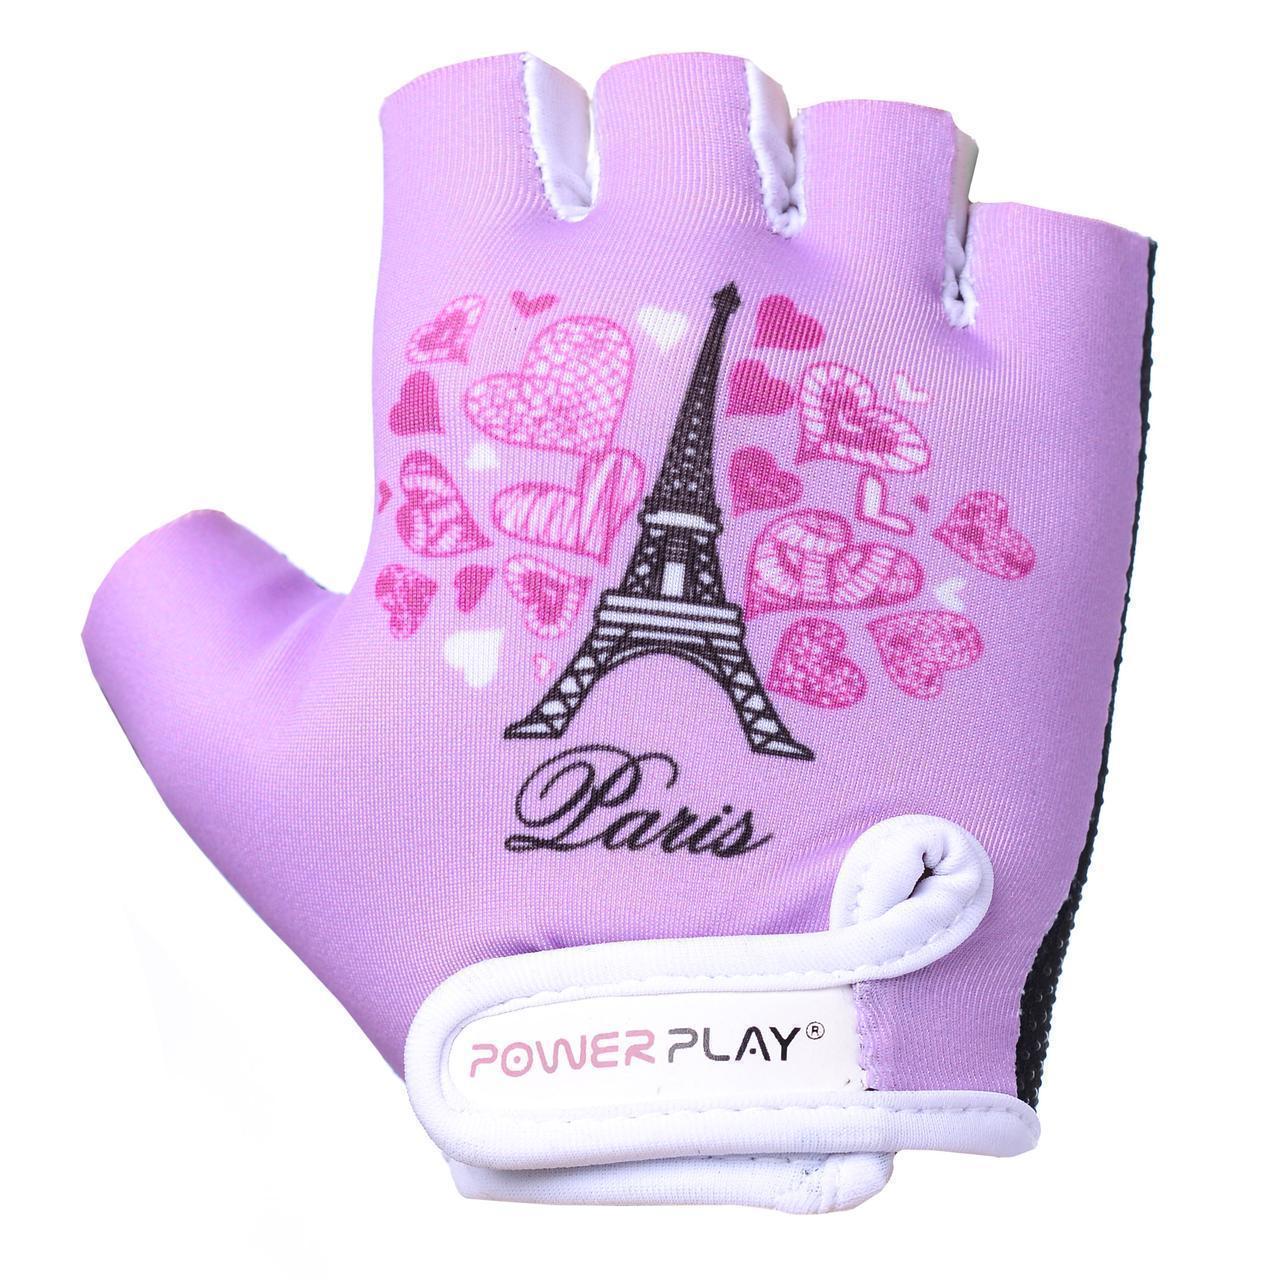 Дитячі рукавички для велосипеда для дівчинки PowerPlay 001 Париж бузкові 2XS